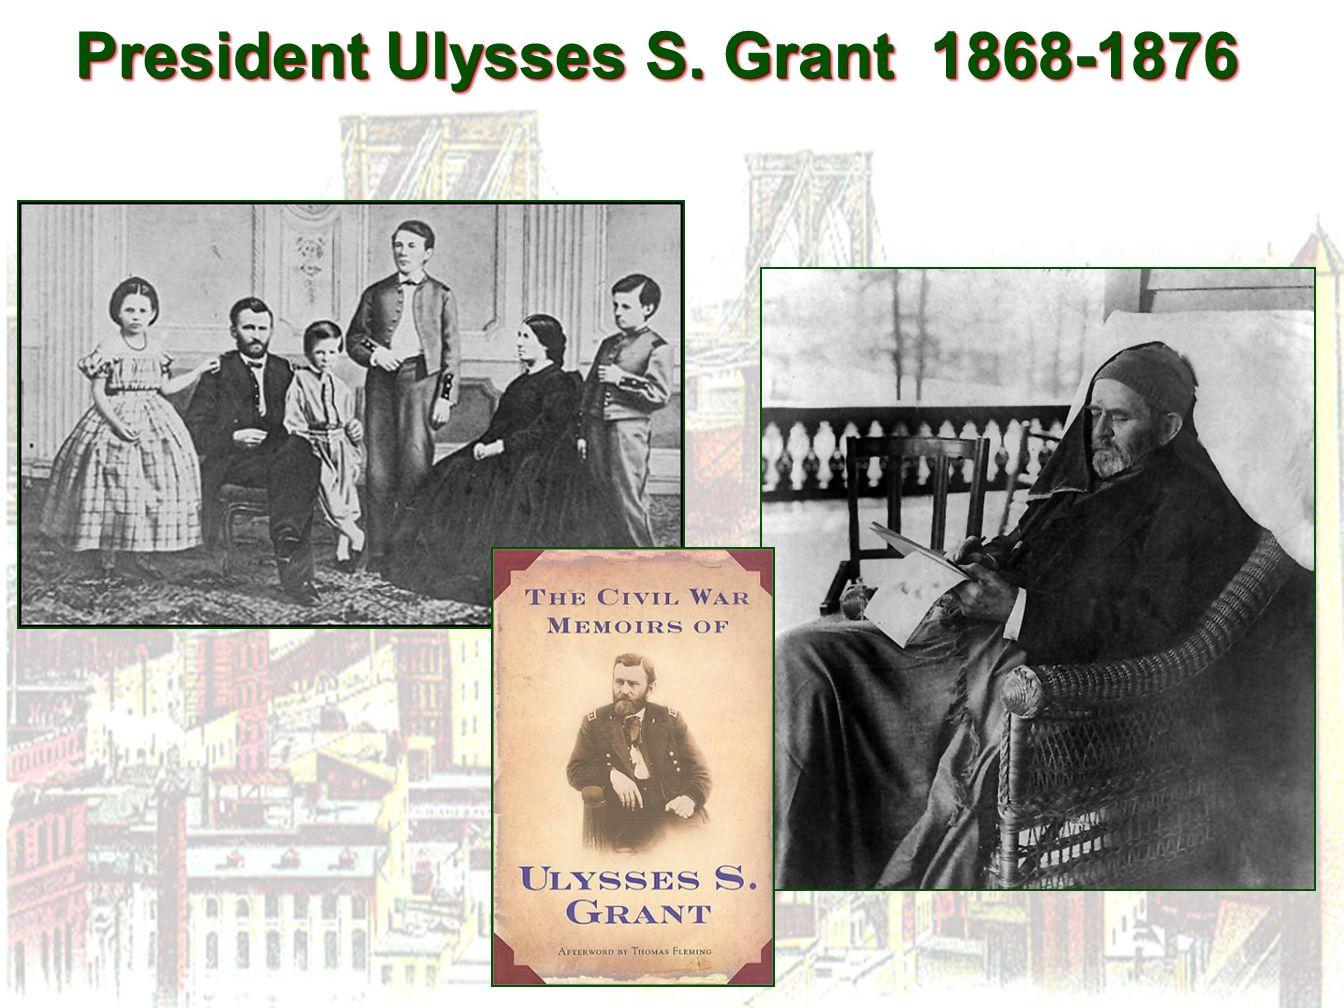 President Ulysses S. Grant 1868-1876 President Ulysses S. Grant 1868-1876